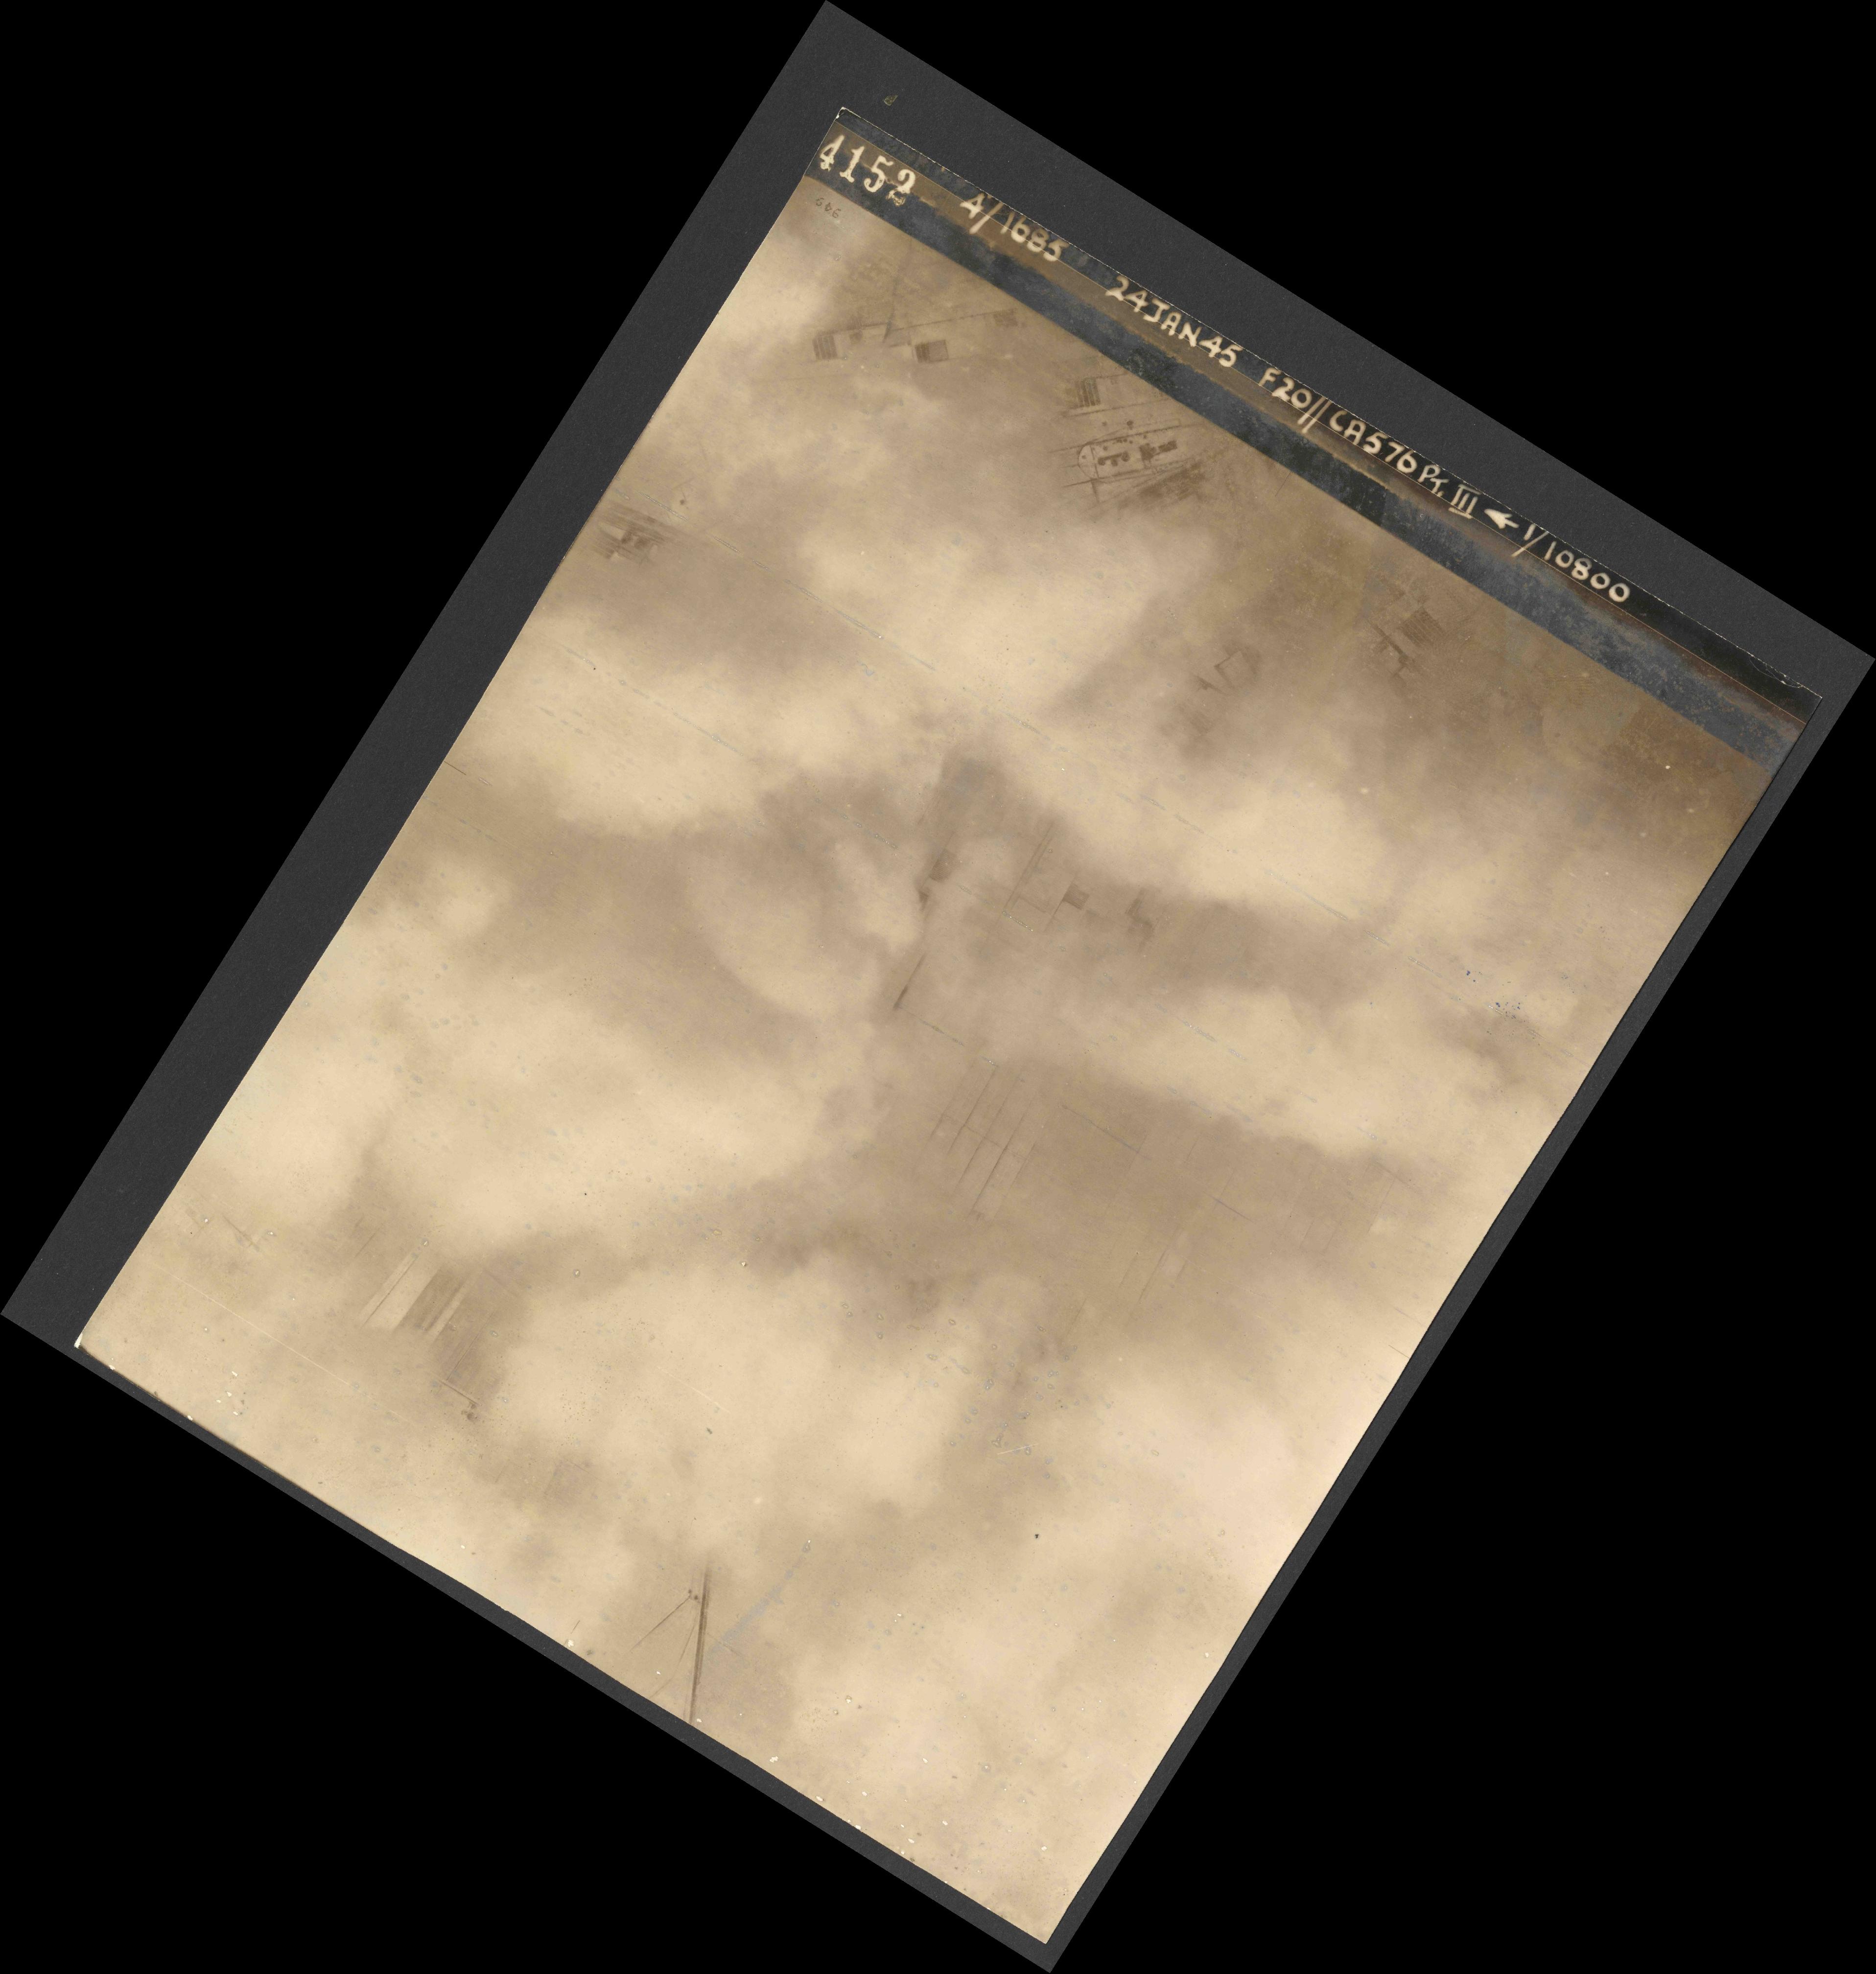 Collection RAF aerial photos 1940-1945 - flight 086, run 01, photo 4152